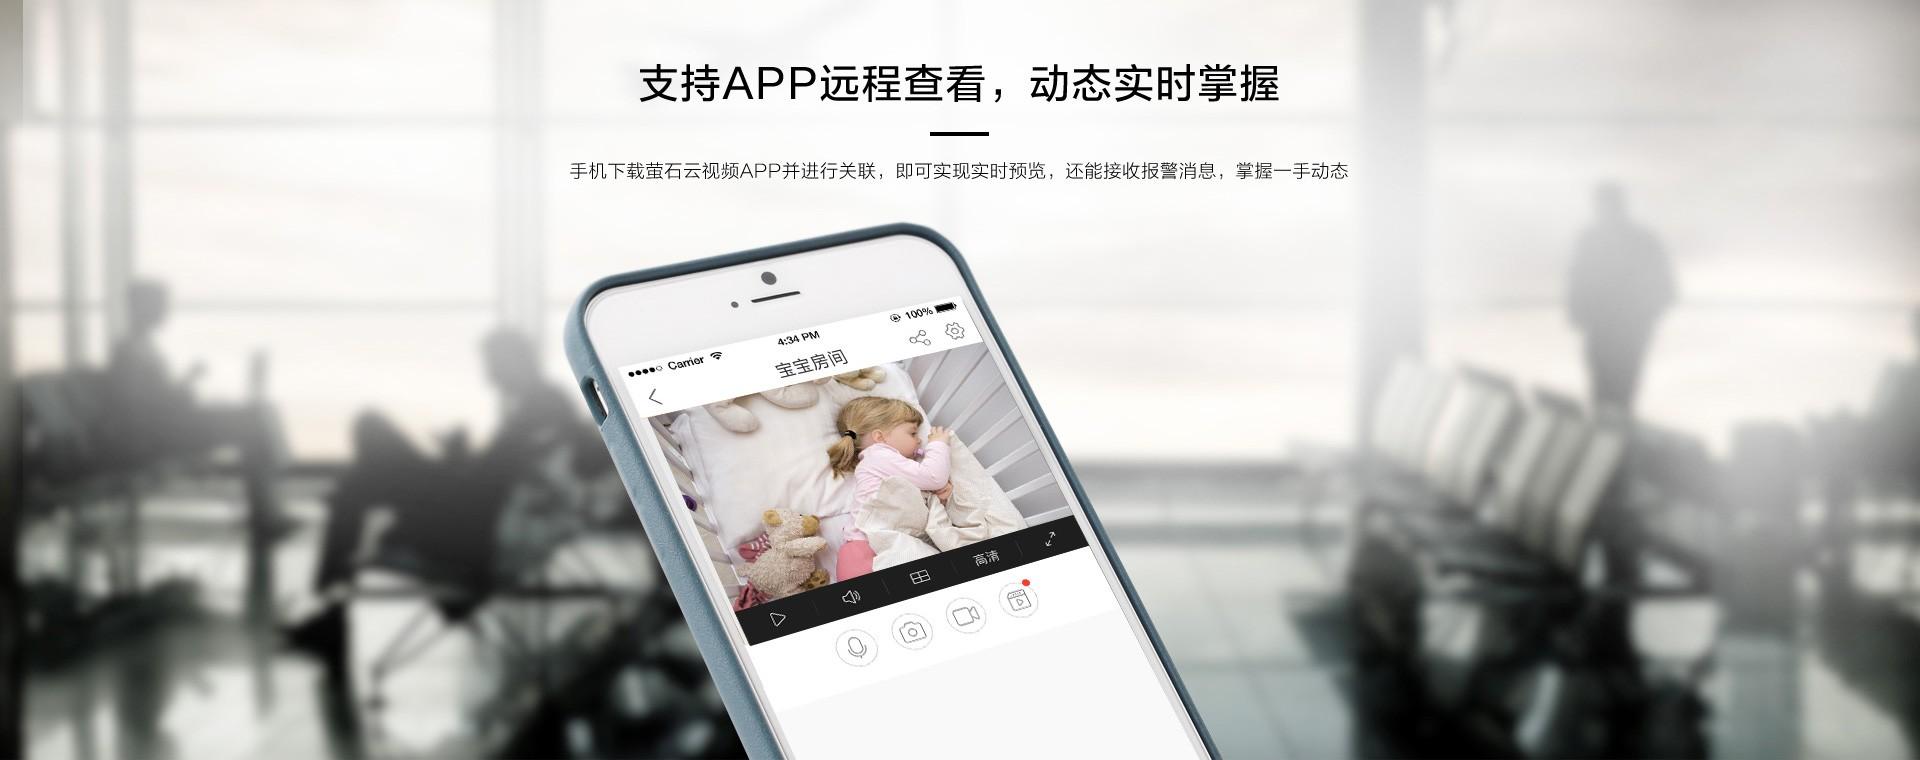 web-支持app远程查看.jpg